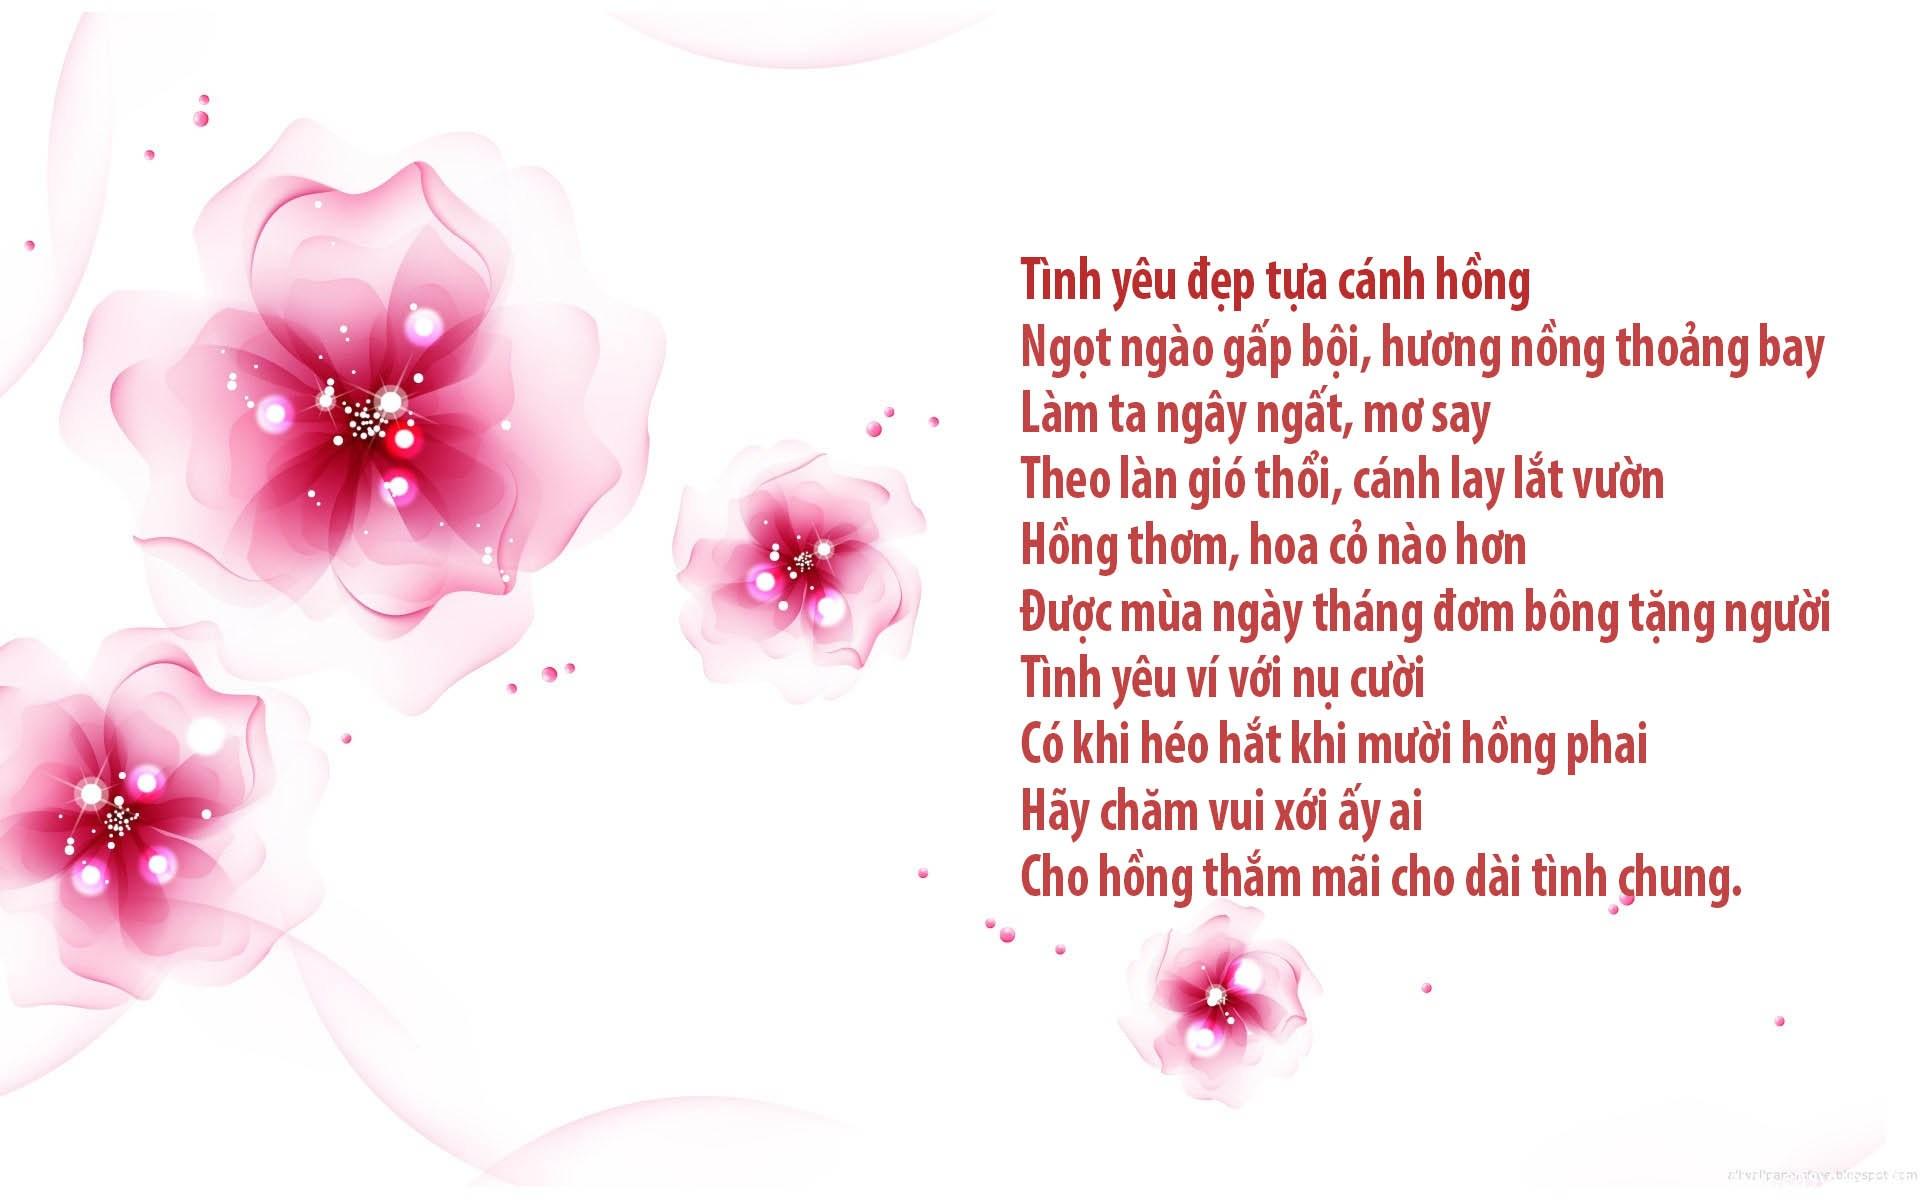 Hình ảnh bài thơ Tình yêu đẹp tựa cánh hồng